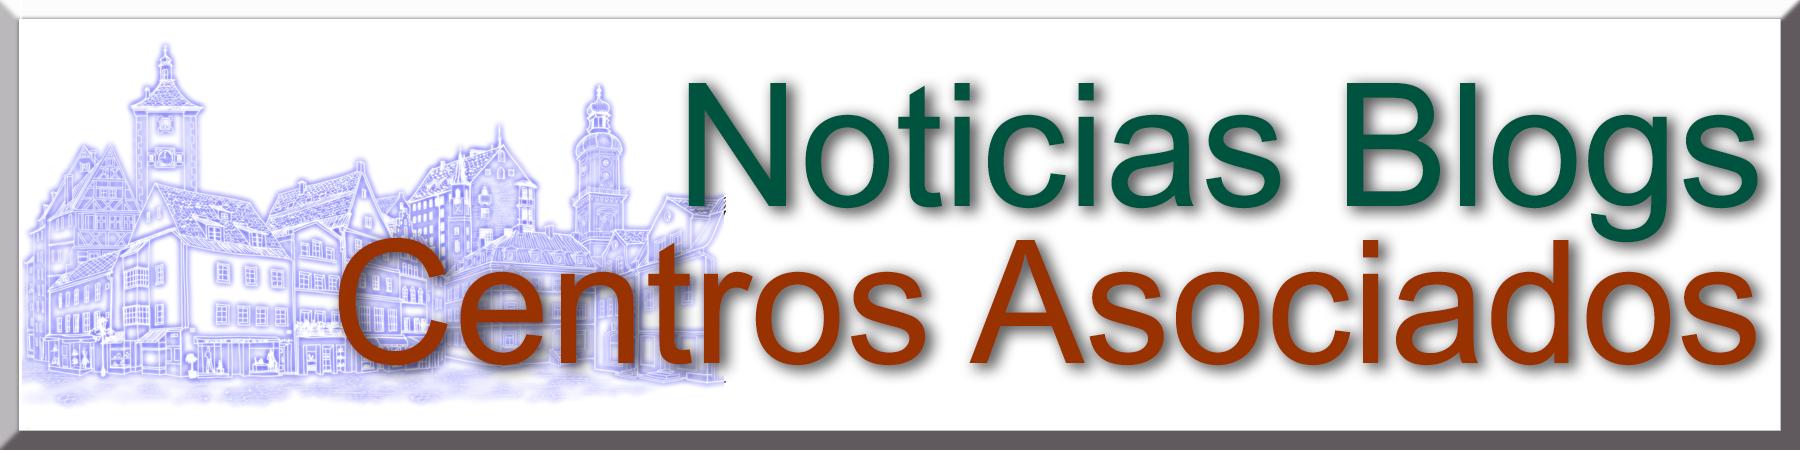 Noticias Blog Centros Asociados y Centros en el Exterior